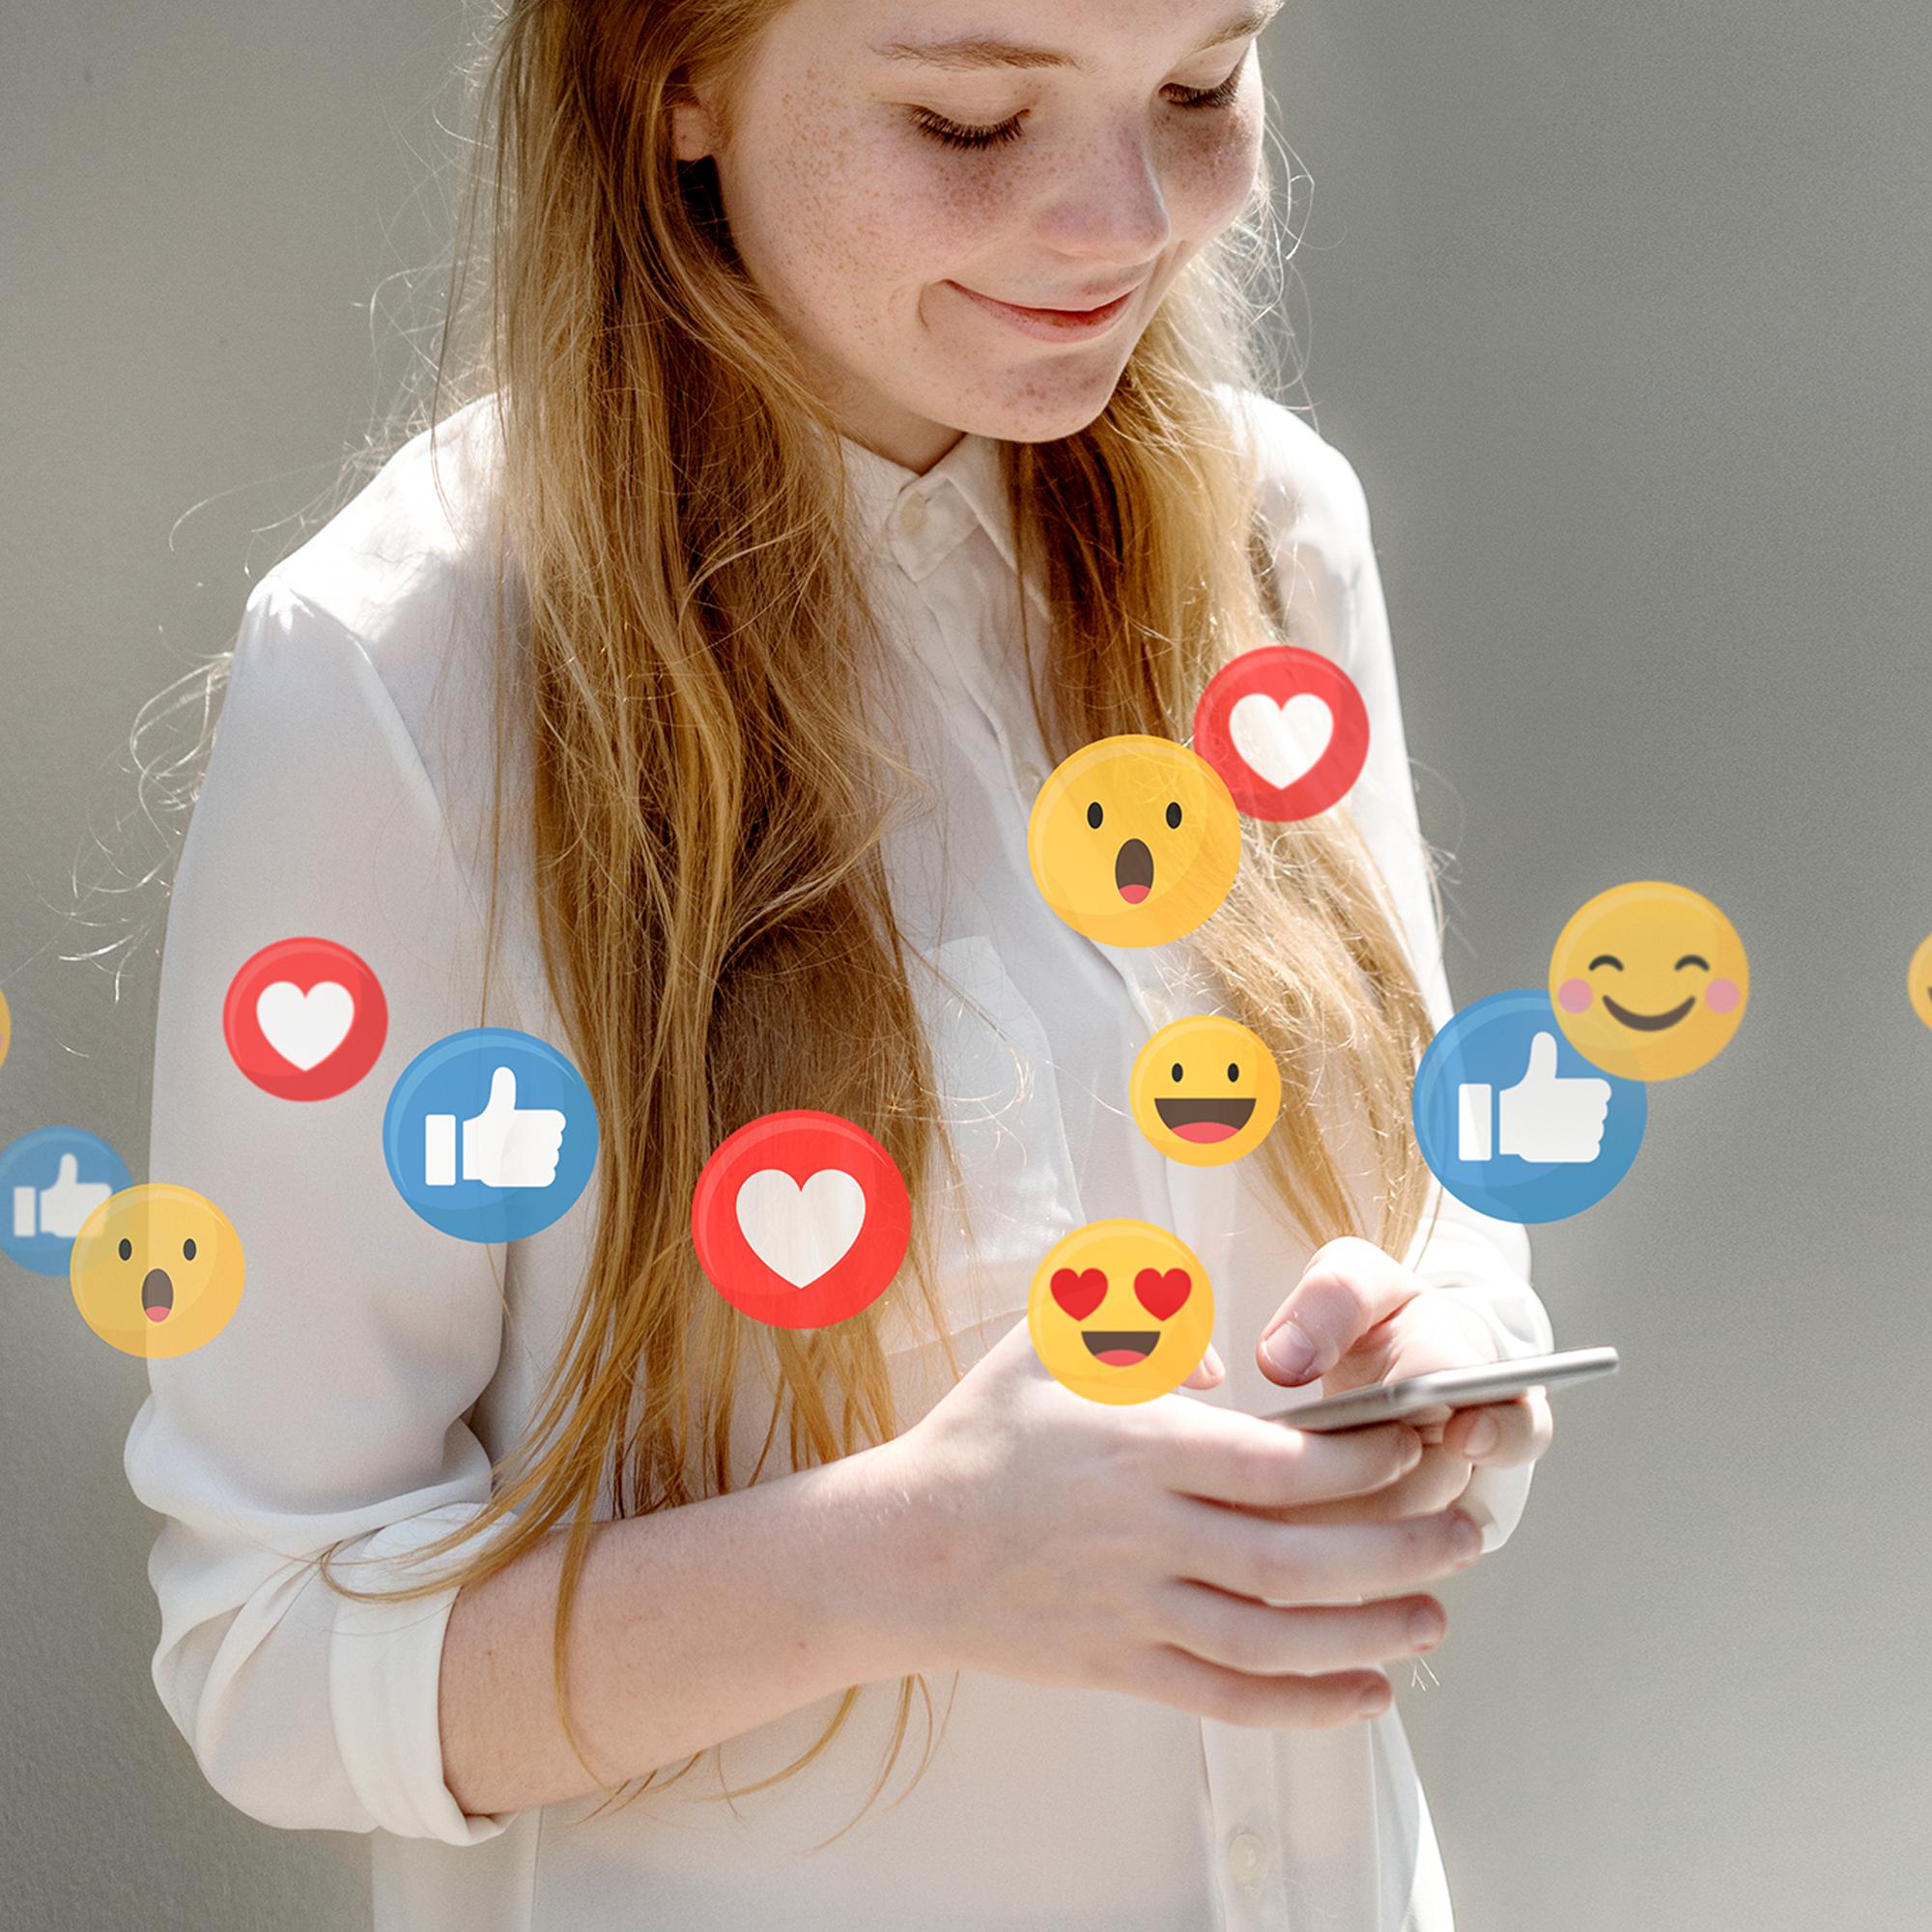 fer servir xarxes socials escola